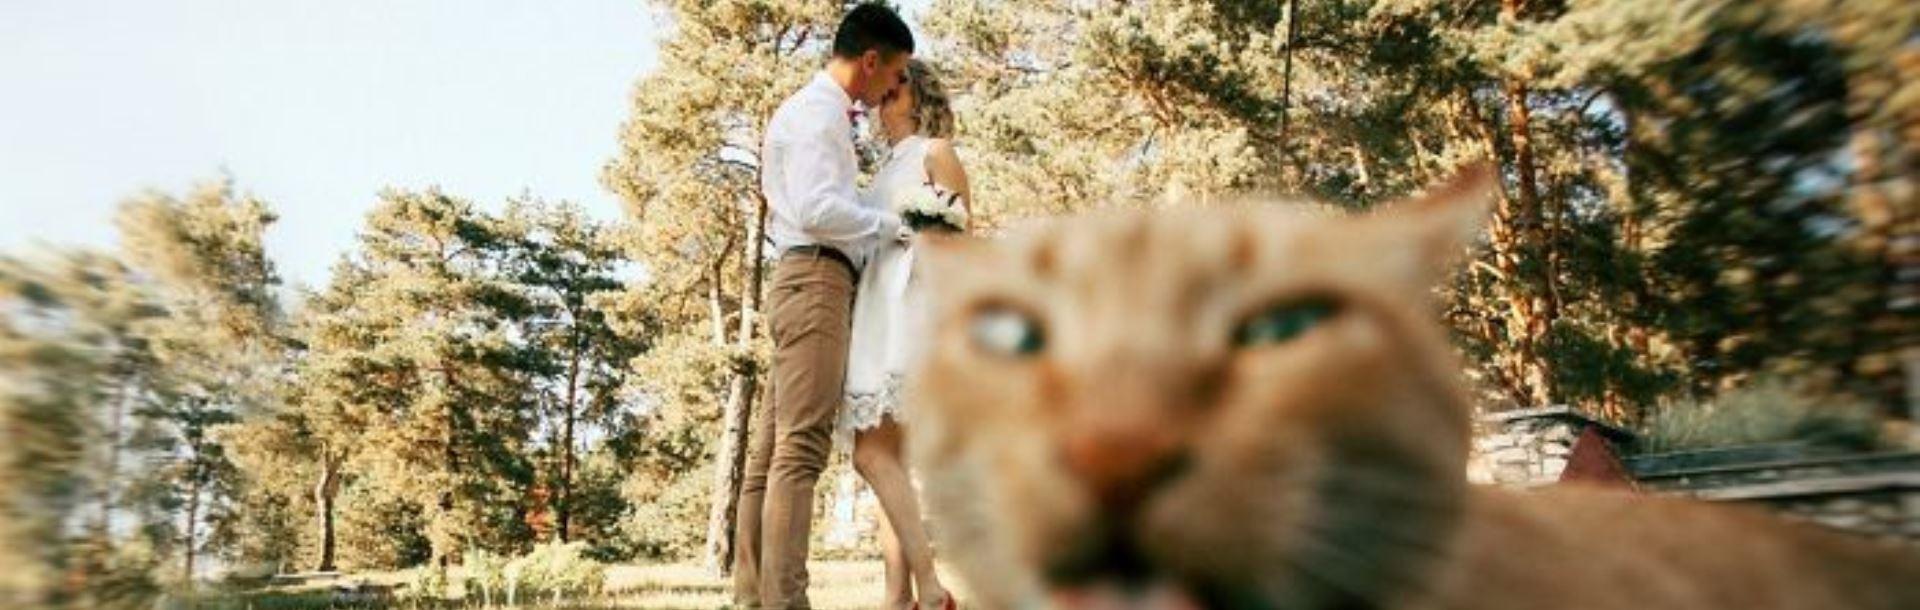 Surprinse asupra faptului! Pisici năzdrăvane, prinse în flagrant! - Galerie foto